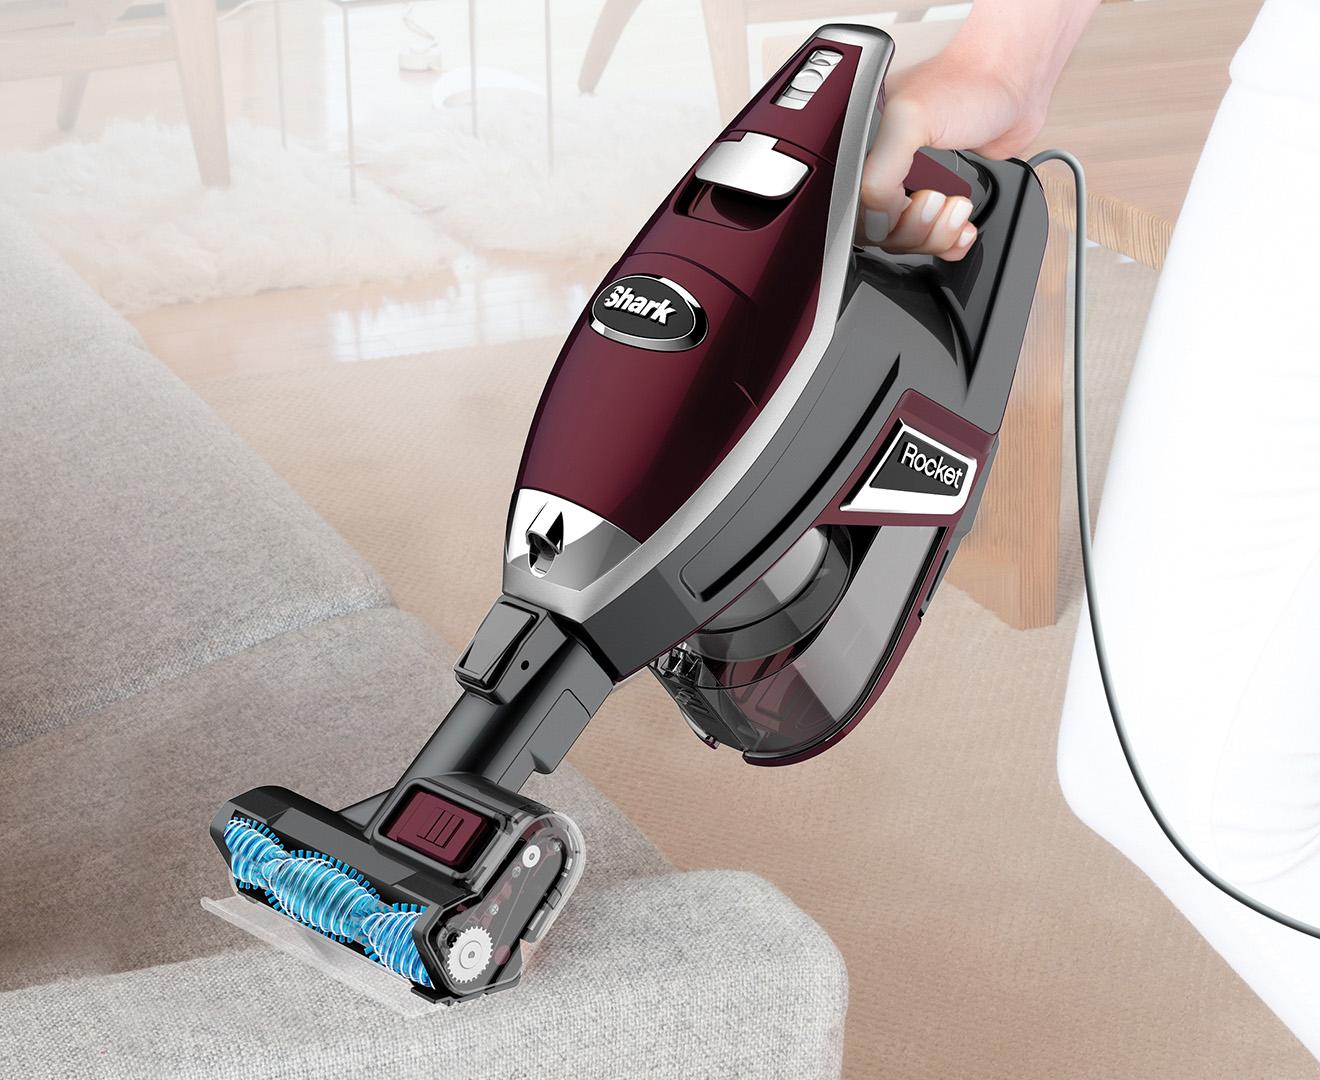 Shark Rocket Truepet Handstick Vacuum Cleaner Pink